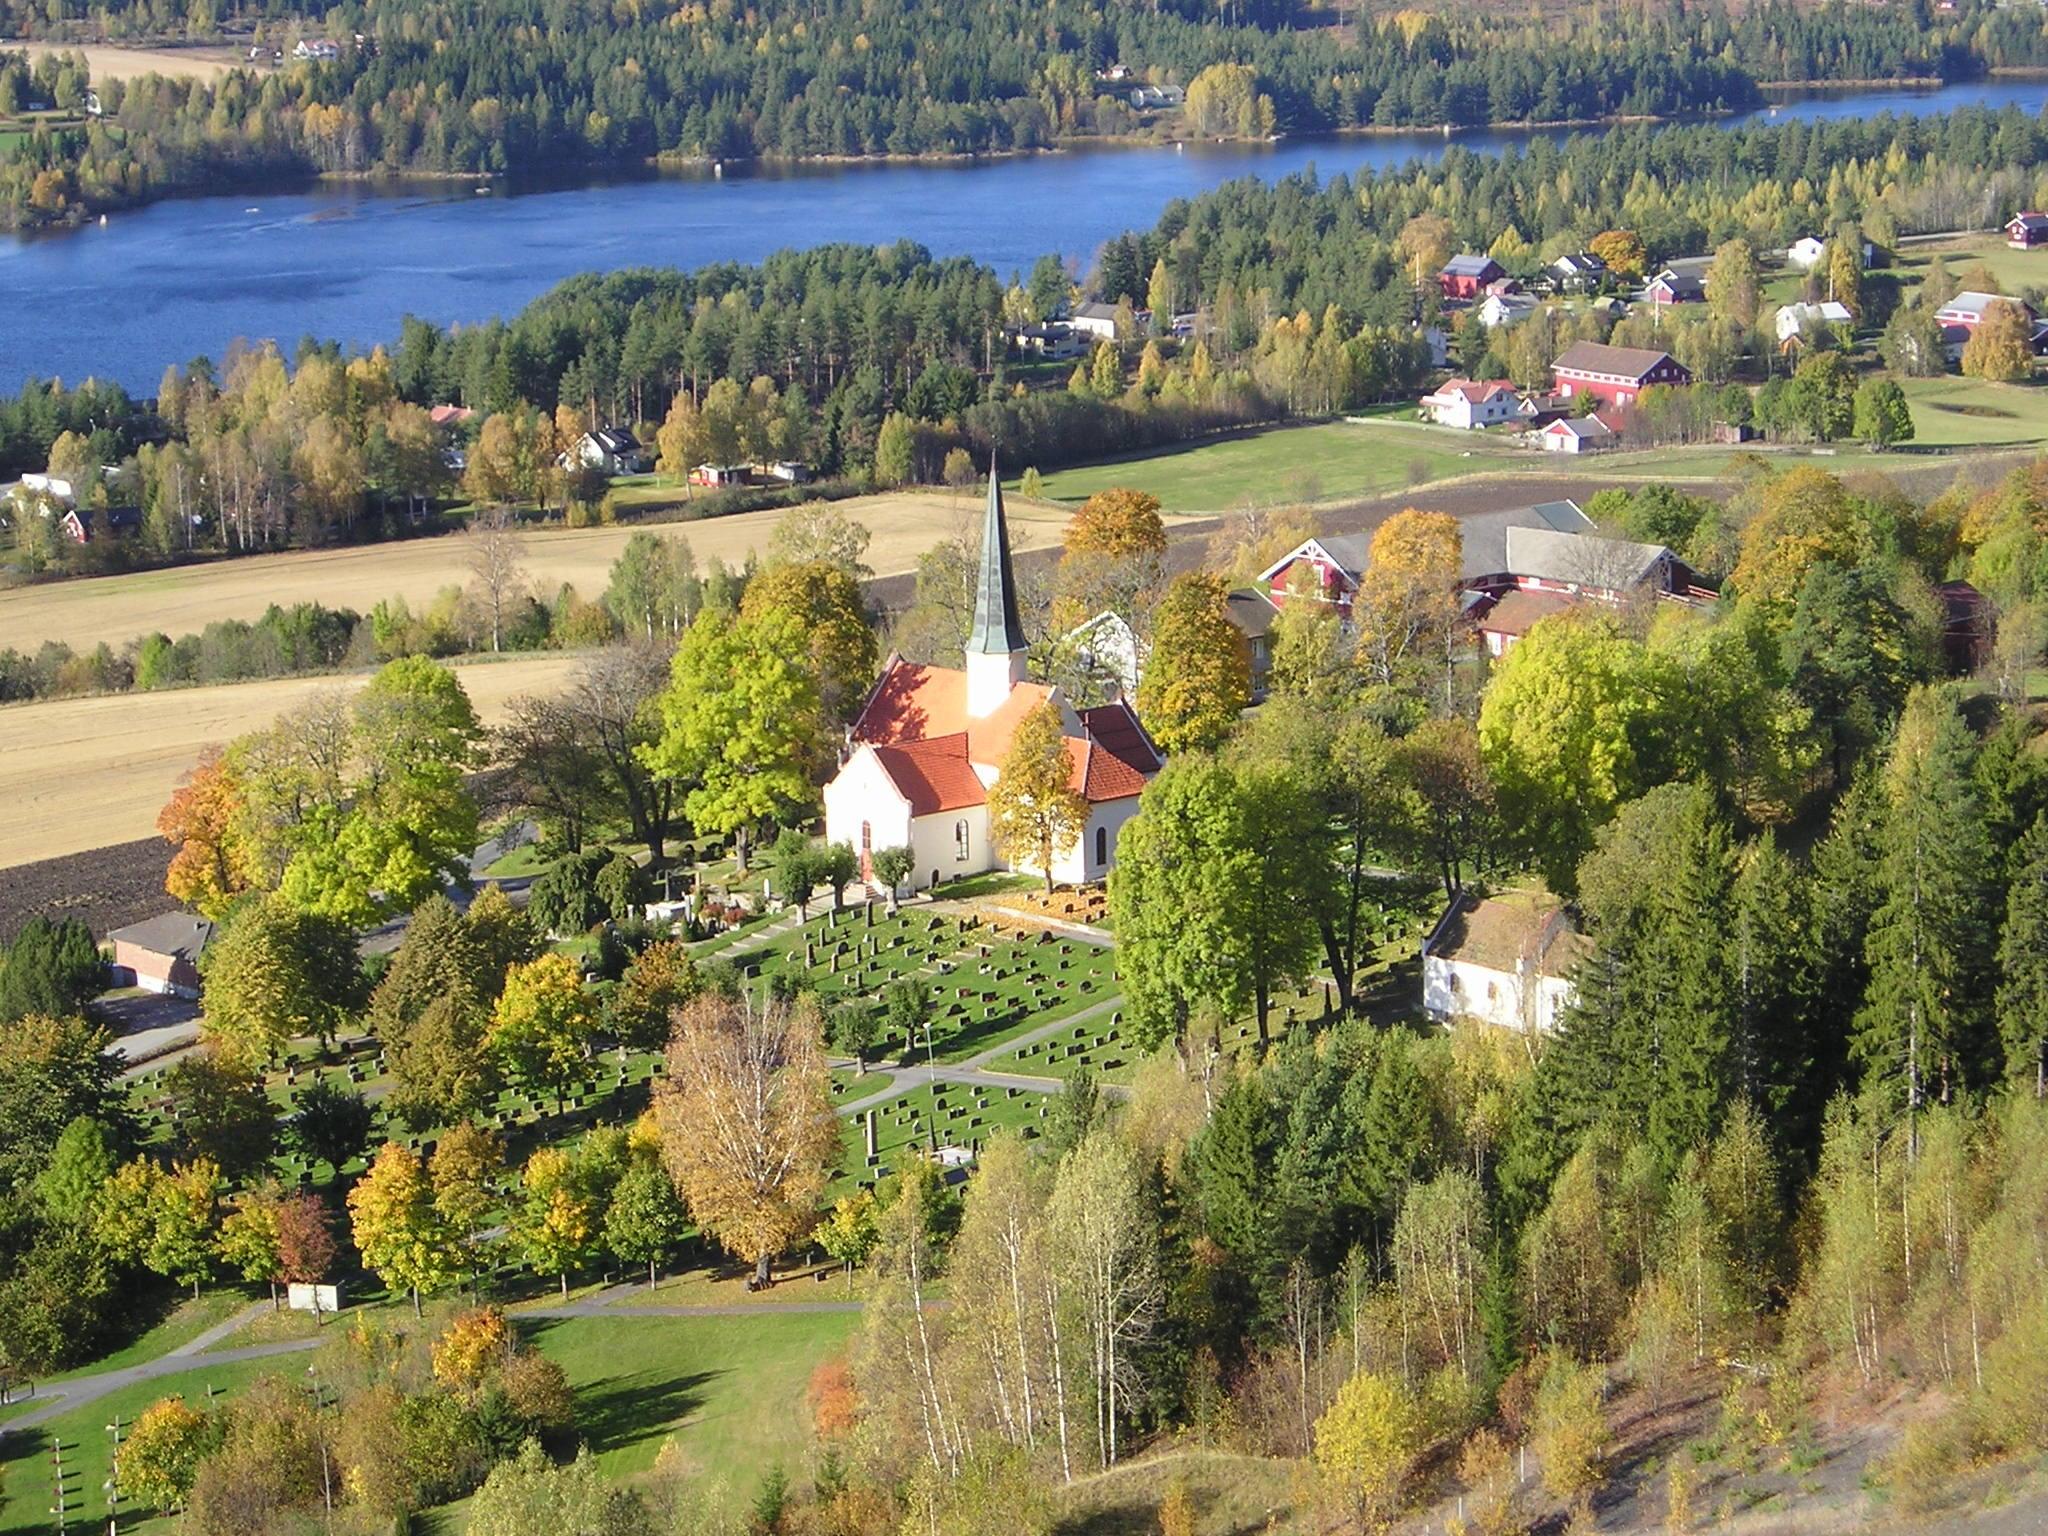 Heggen kirke fra 1200-tallet. Klikk på bilde for større versjon